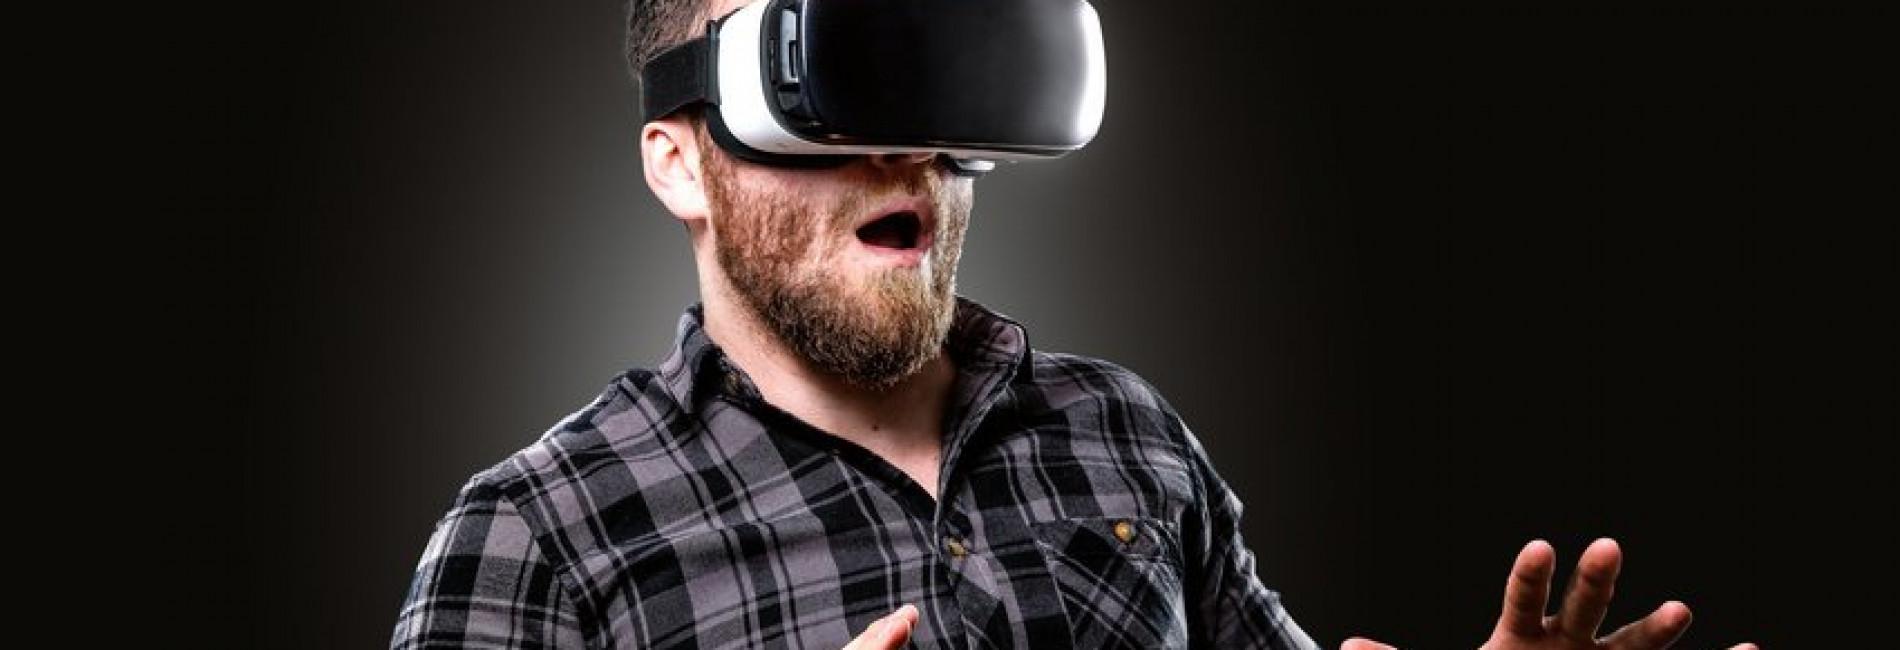 Zur Präsentation Ihrer Immobilie nur das Beste. Neben Top-Weitwinkelaufnahmen erstellen wir eine virtuelle Besichtigung Ihres Hauses oder Wohnung.